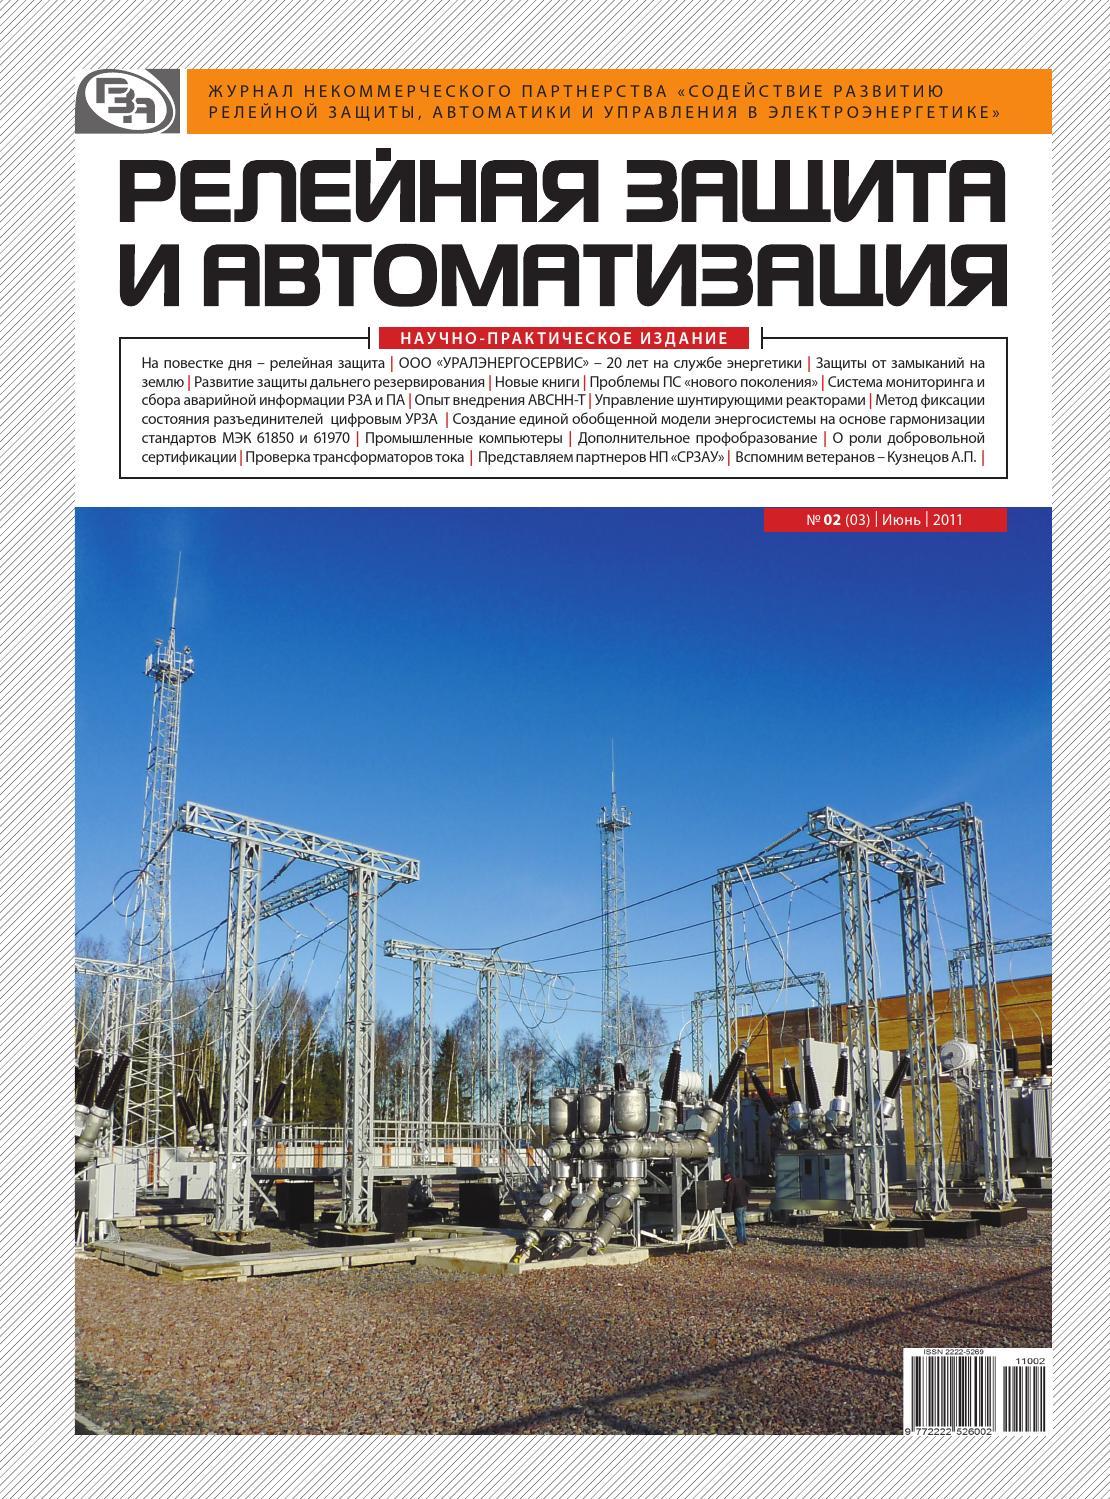 инструкция по заливке электрических соединителей компаундом